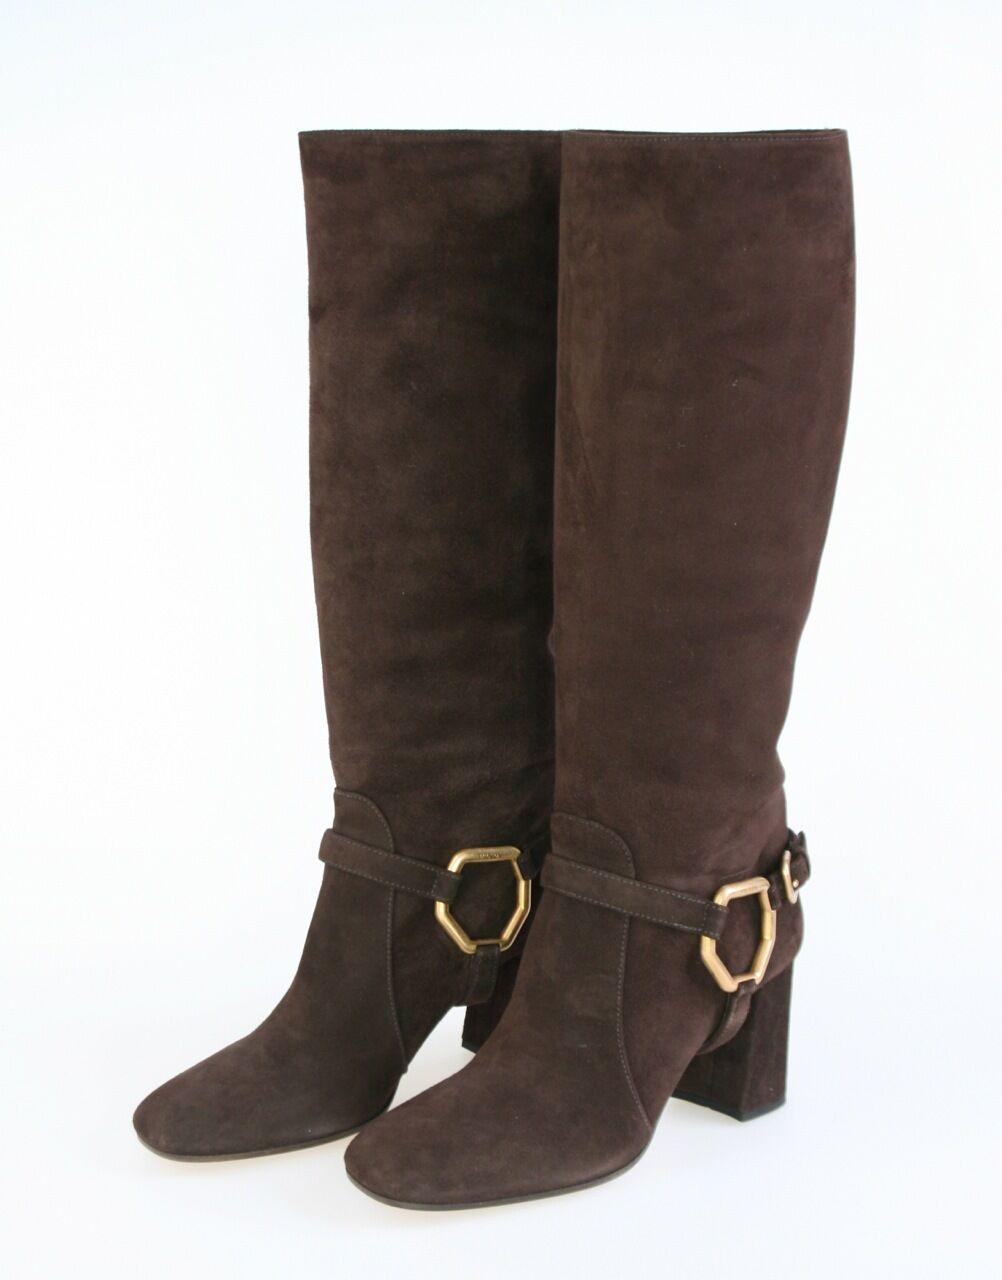 Prada de lujo botas zapatos 1w415d precisamente madera marrón nuevo New 38,5 39